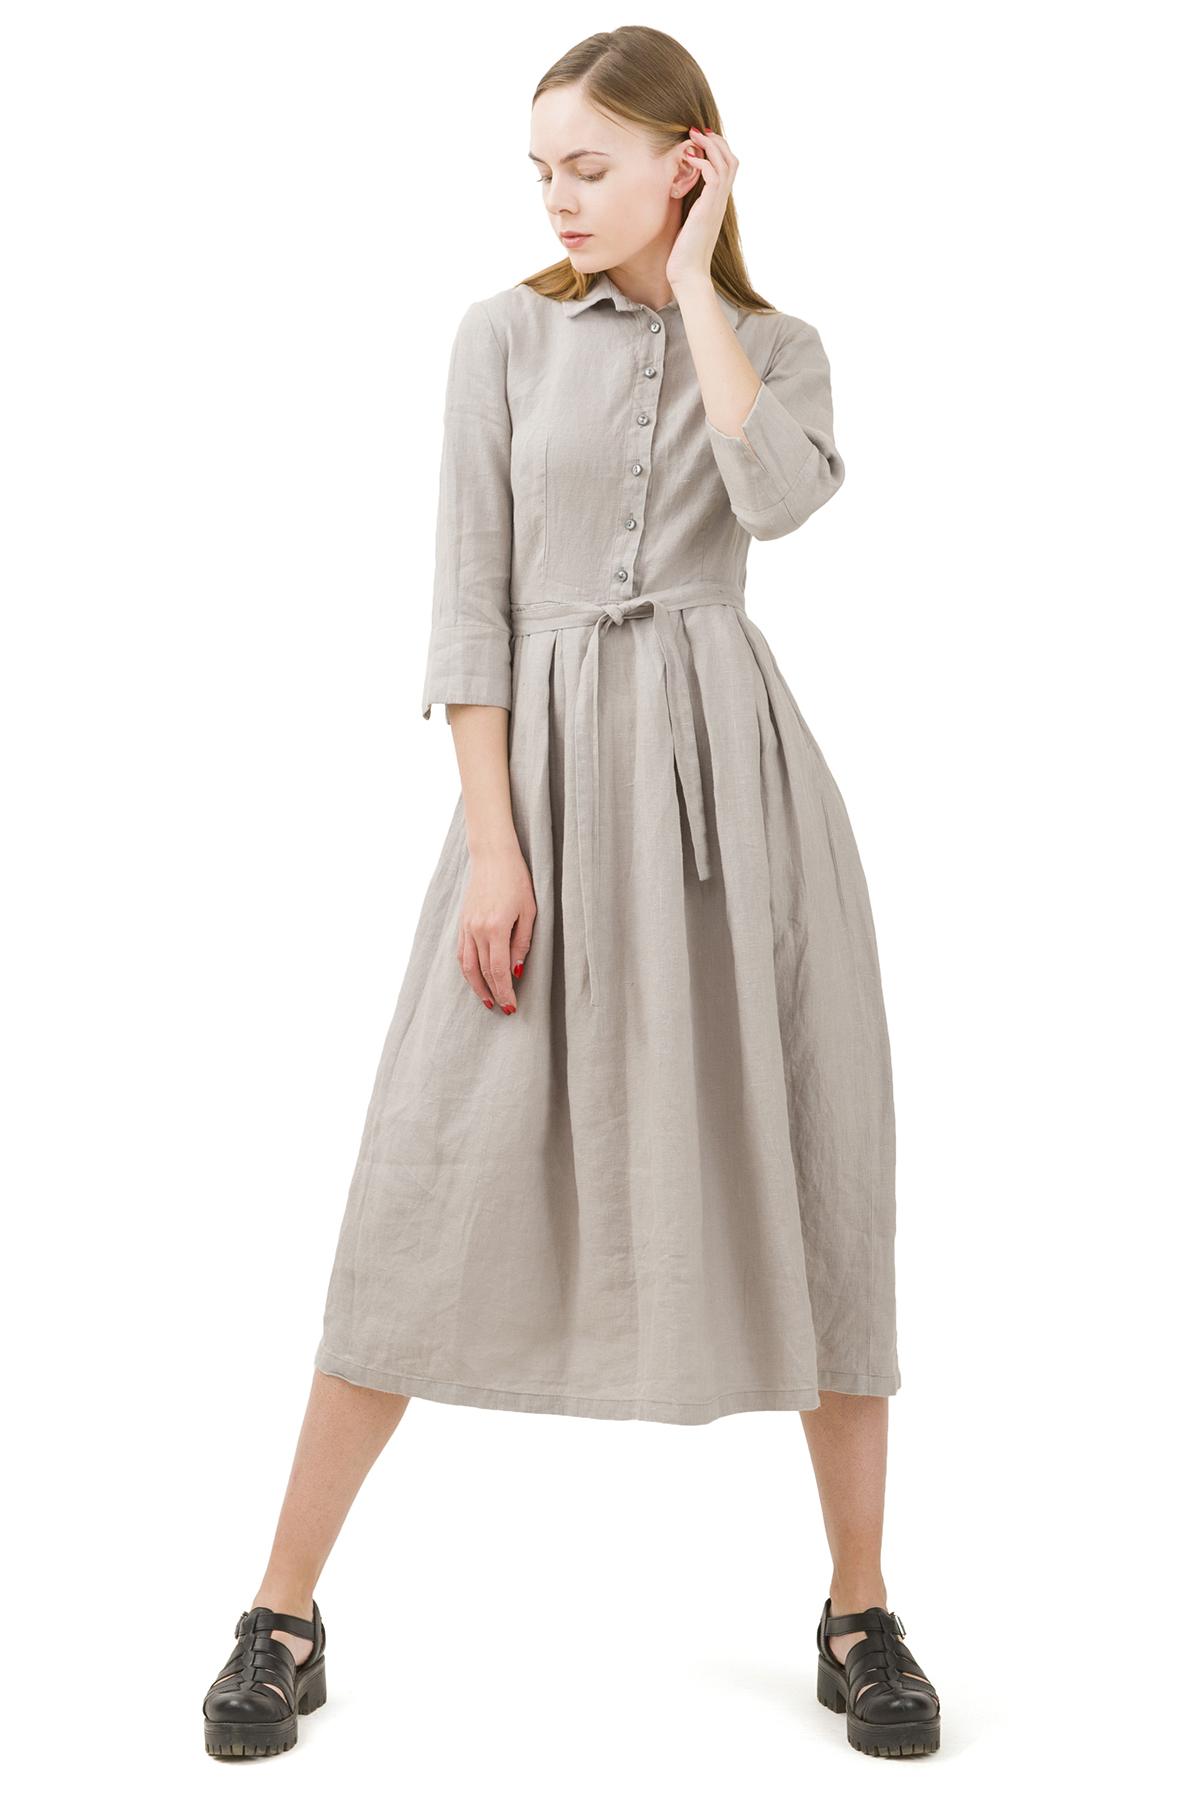 ПлатьеПлатья,  сарафаны<br>Стильное платье выполнено из натуральной ткани - льна. Данная модель удачно подчеркнет красоту Вашей фигуры, а яркая расцветка  не оставит Вас незамеченной.<br><br>Цвет: серый<br>Состав: 100% лен<br>Размер: 40,42,44,46,48,50,52<br>Страна дизайна: Россия<br>Страна производства: Россия